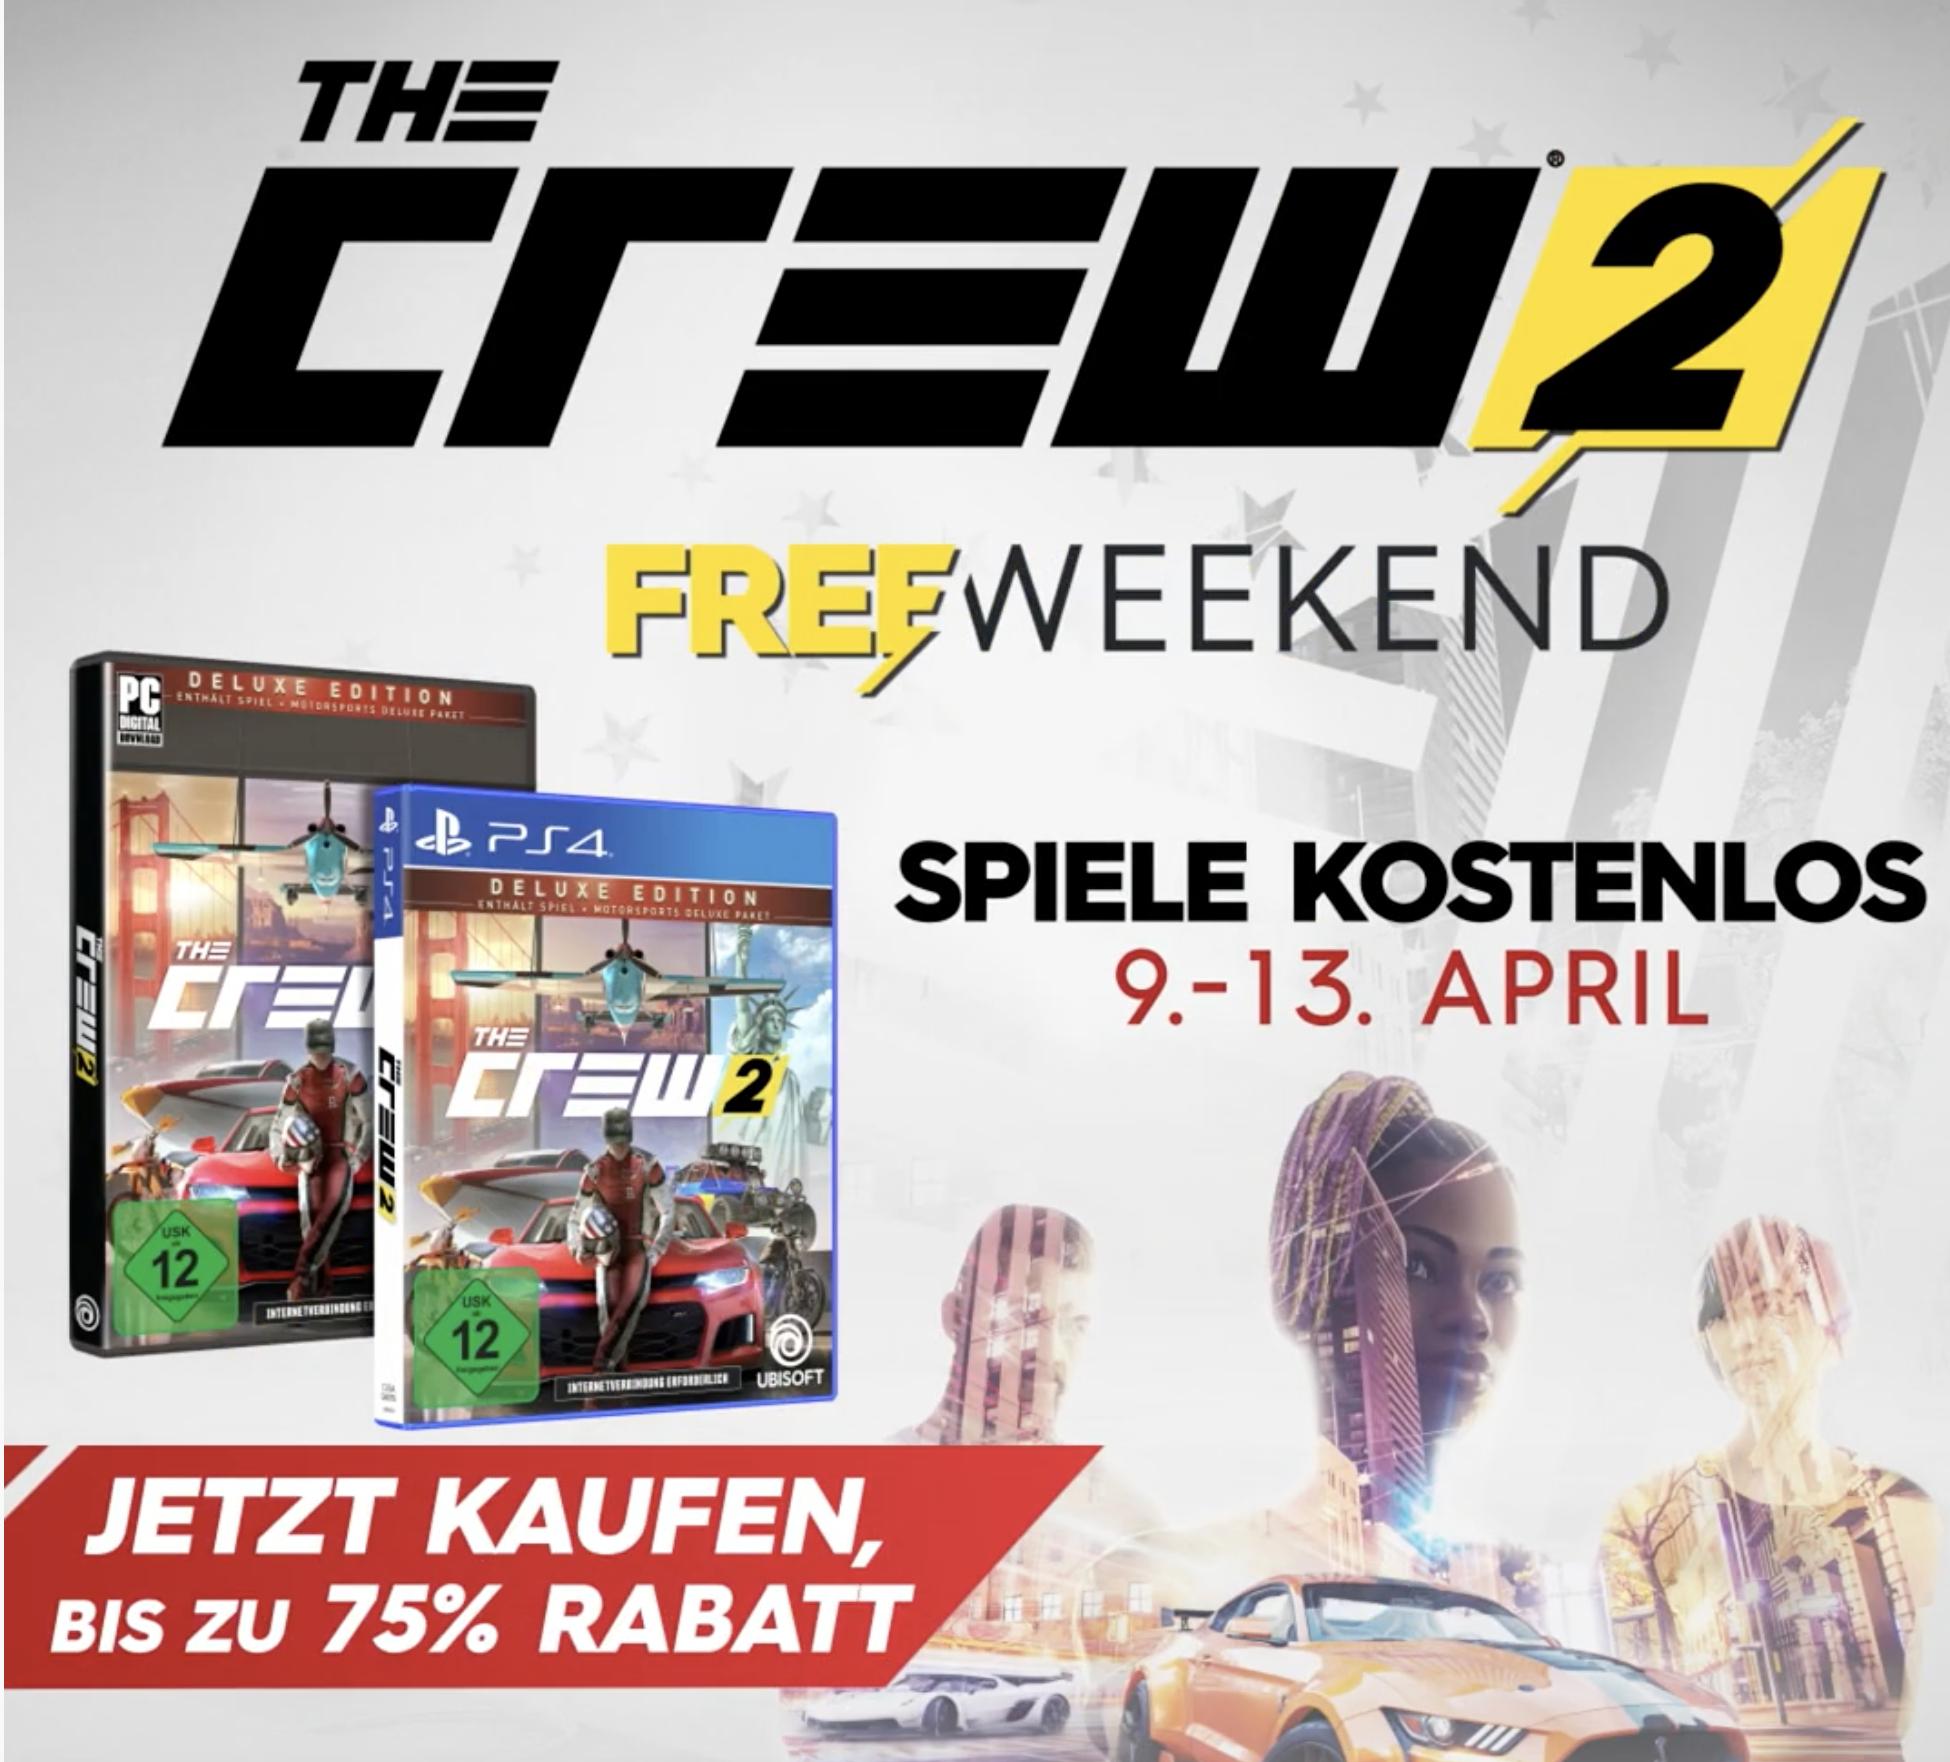 """The Crew 2 Free """"Weekend"""" für PC und Playstation 4 von 09. - 13.04"""